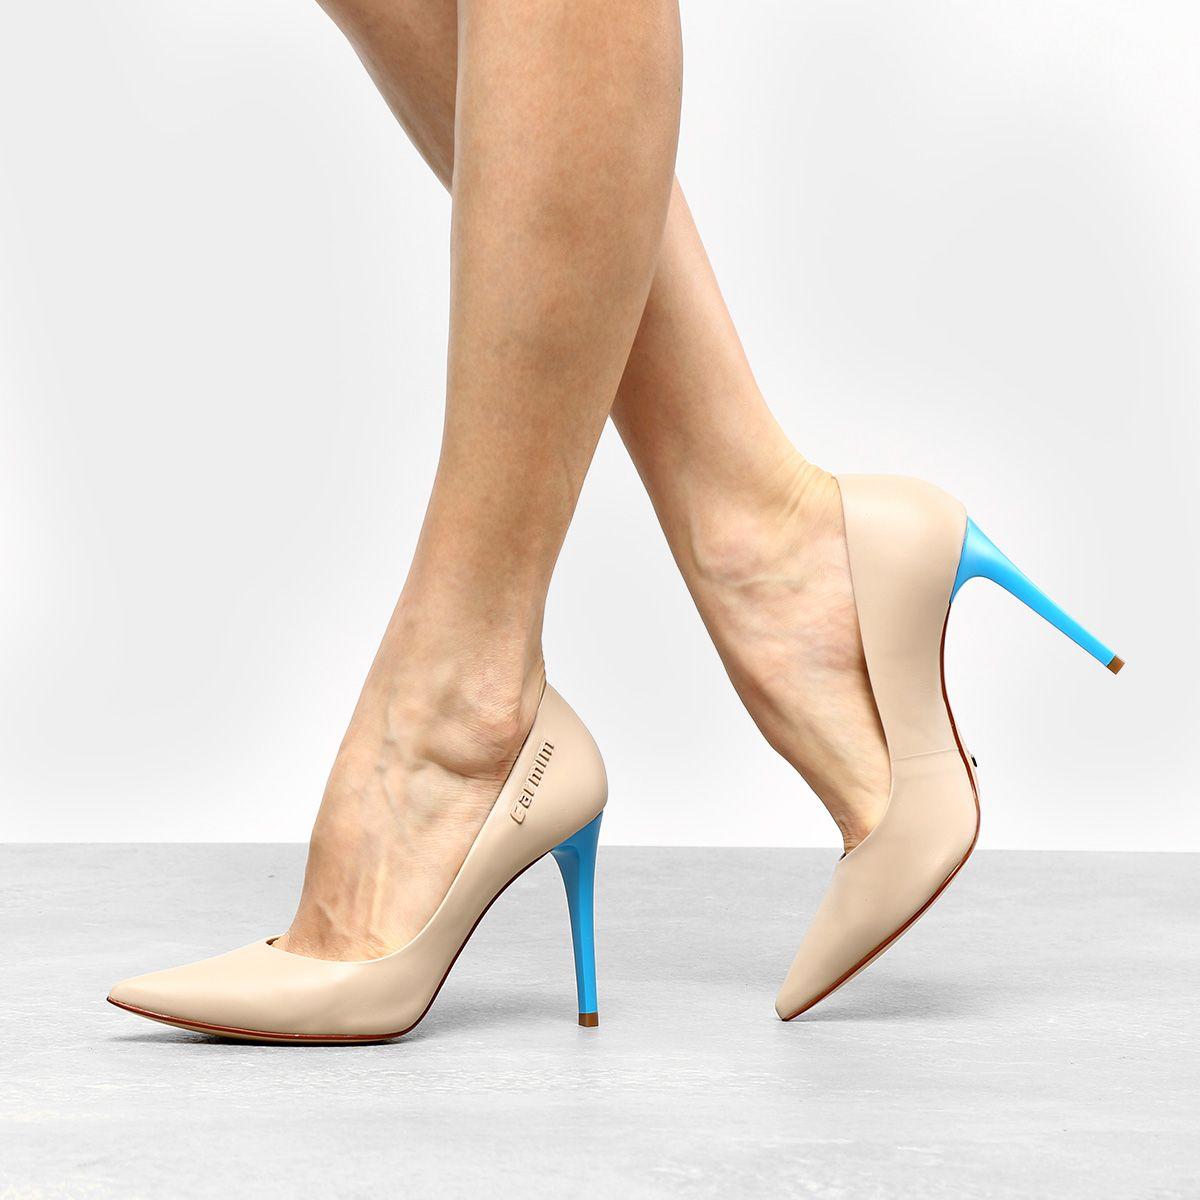 40785889e Scarpin Couro Carmim Salto Fino - Compre Agora | Zattini | Sapatos ...